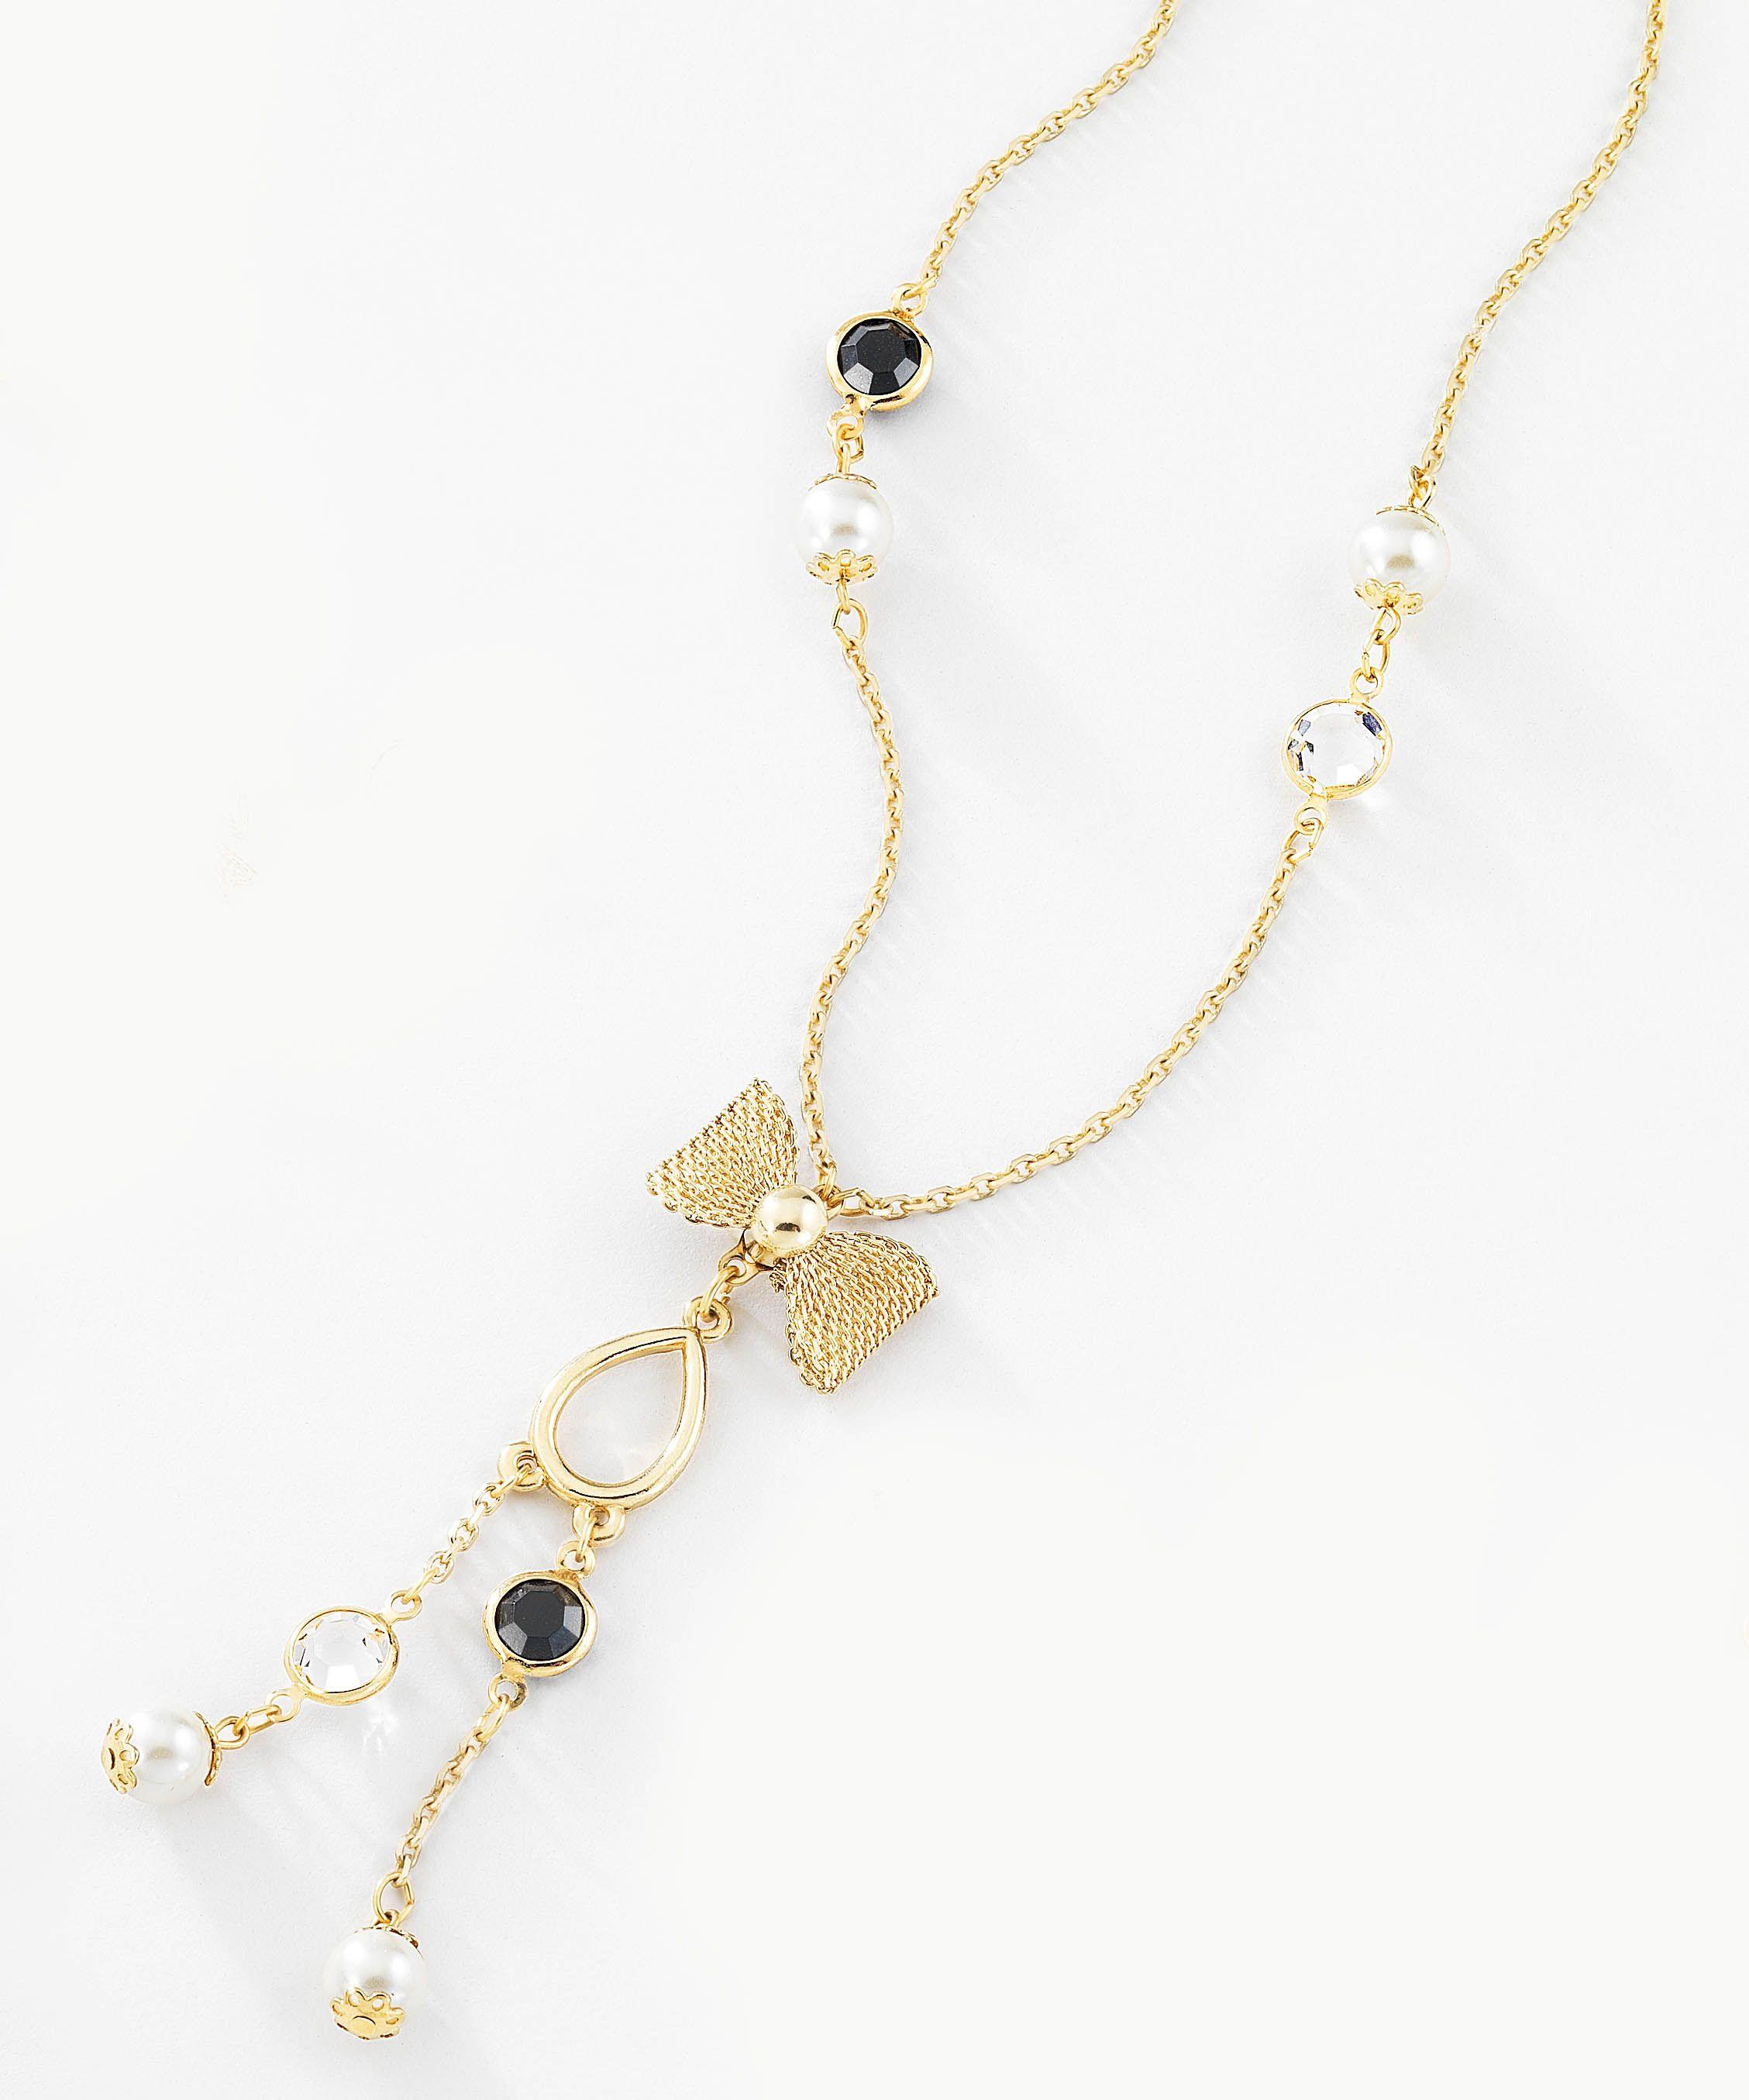 49b23bebd0a9 Collar largo en 4 baños de oro de 18 kt con perlas blancas y piedras de  cristal transparente y negro a lo largo del collar